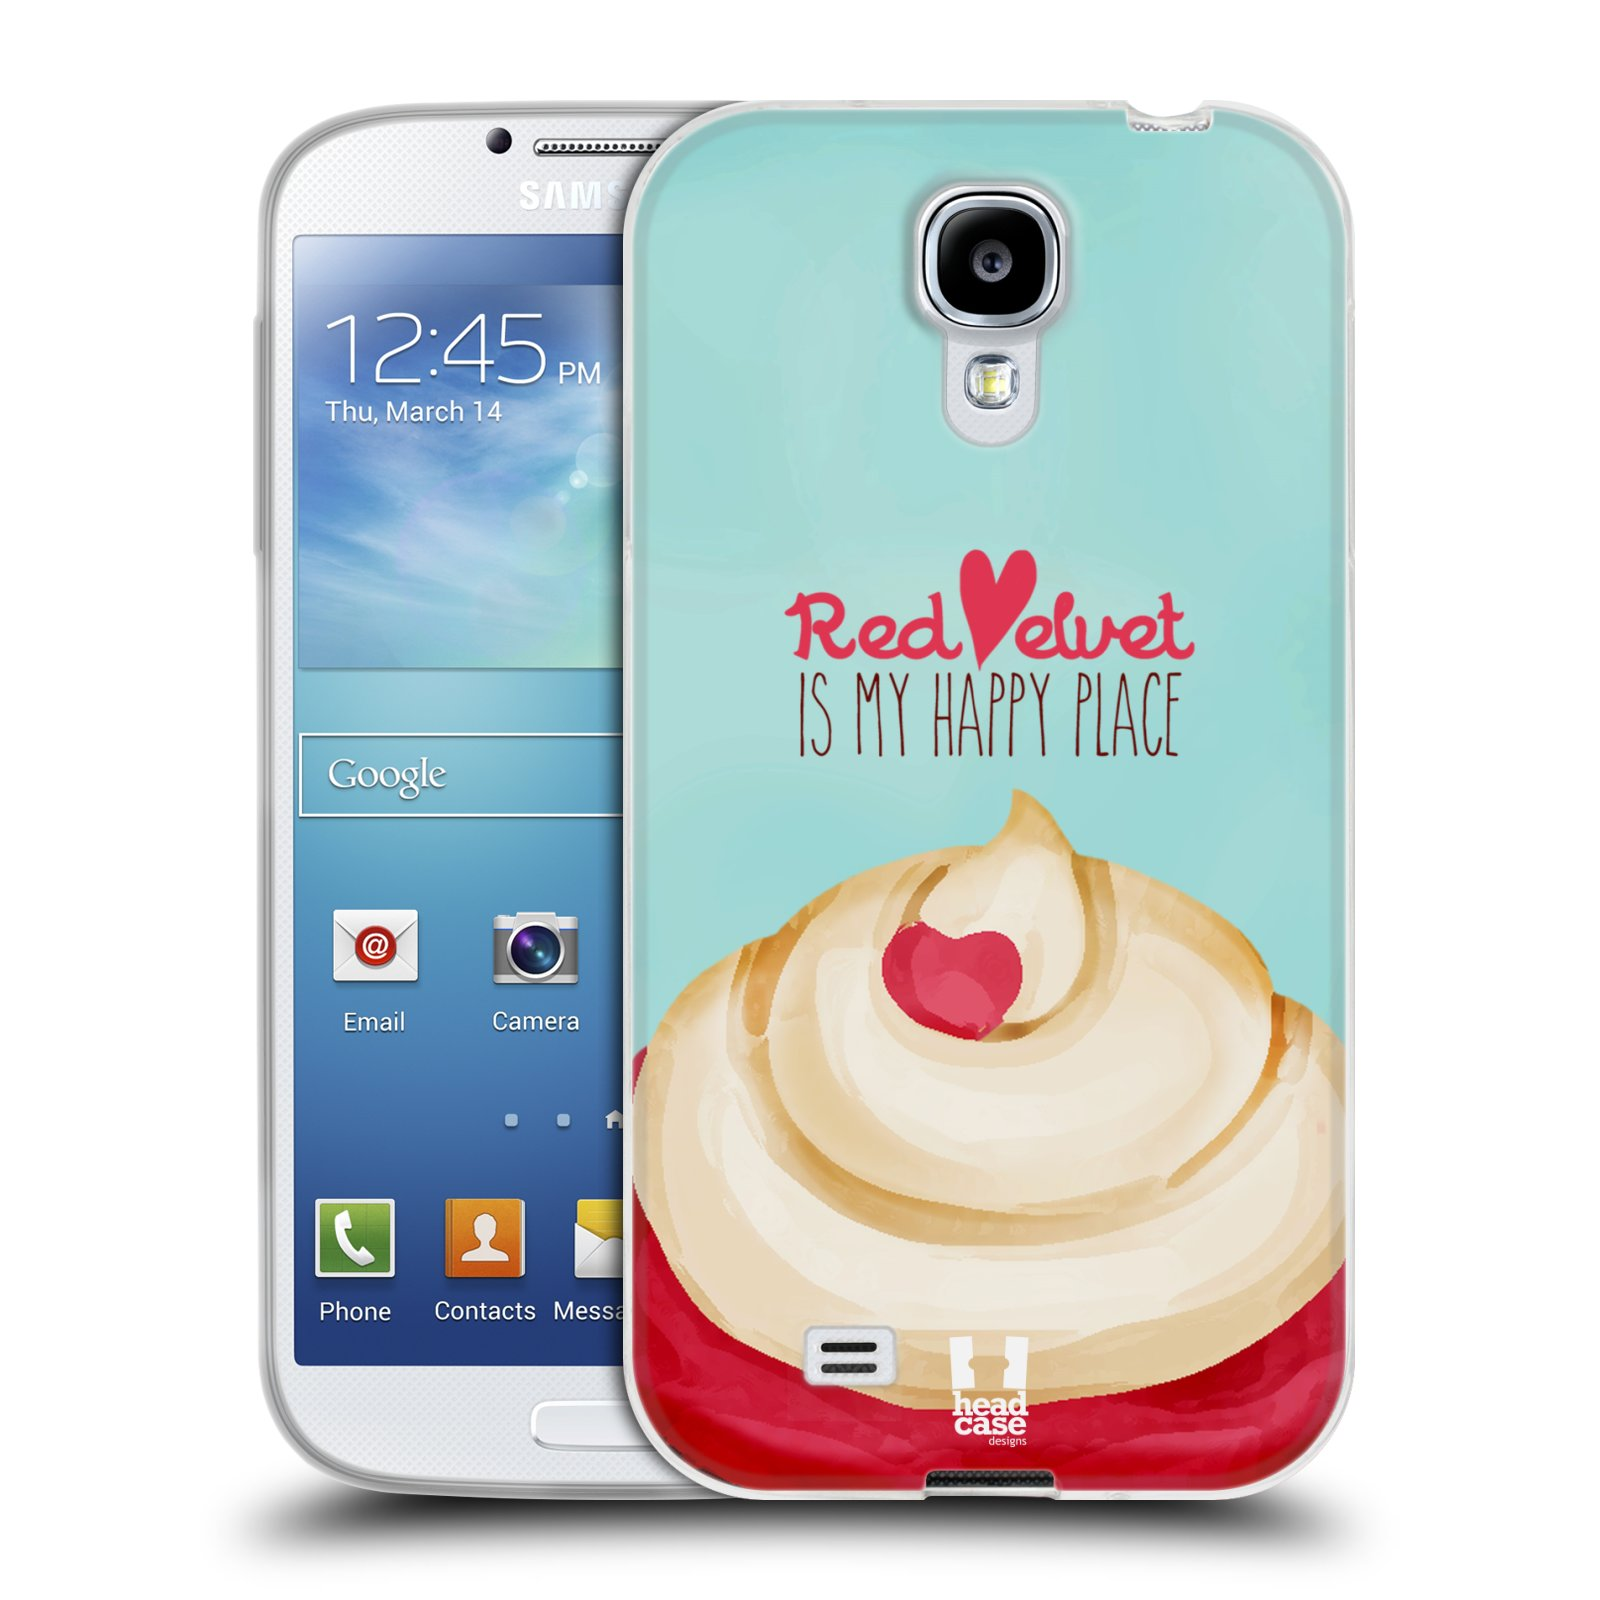 Silikonové pouzdro na mobil Samsung Galaxy S4 HEAD CASE CUPCAKE RED VELVET (Silikonový kryt či obal na mobilní telefon Samsung Galaxy S4 GT-i9505 / i9500)